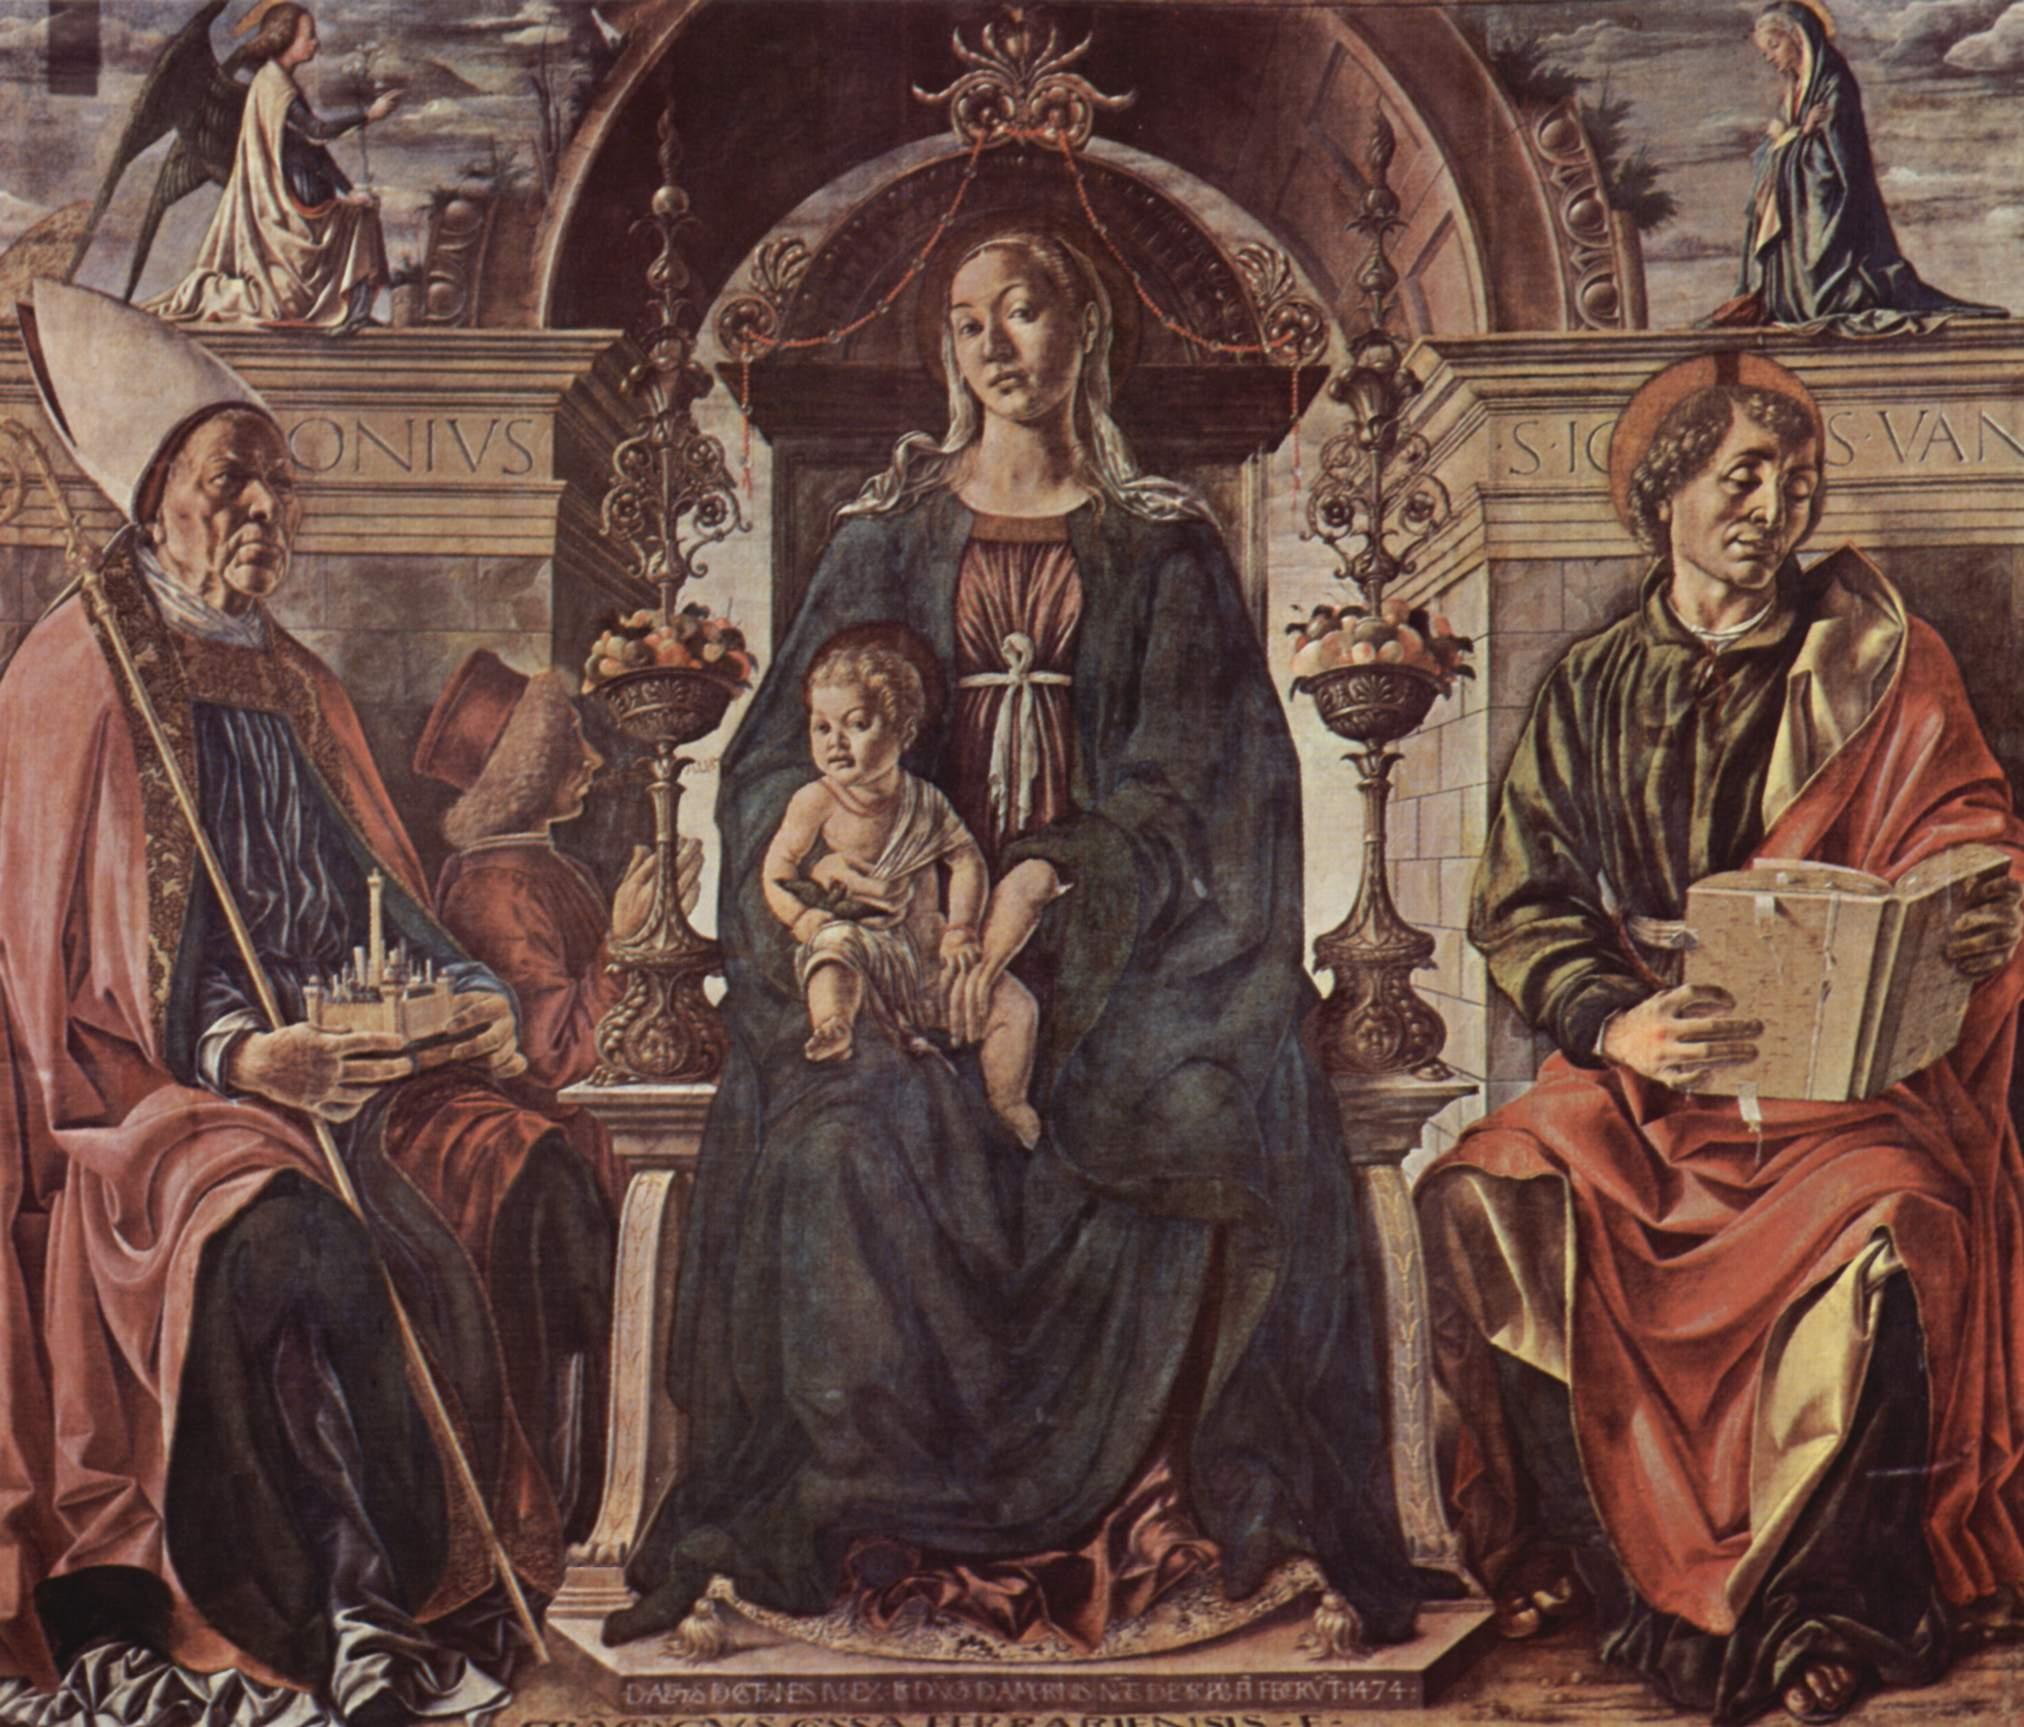 Мадонна на престоле, св. Петроний и Иоанн Евангелист, Франческо дель Косса